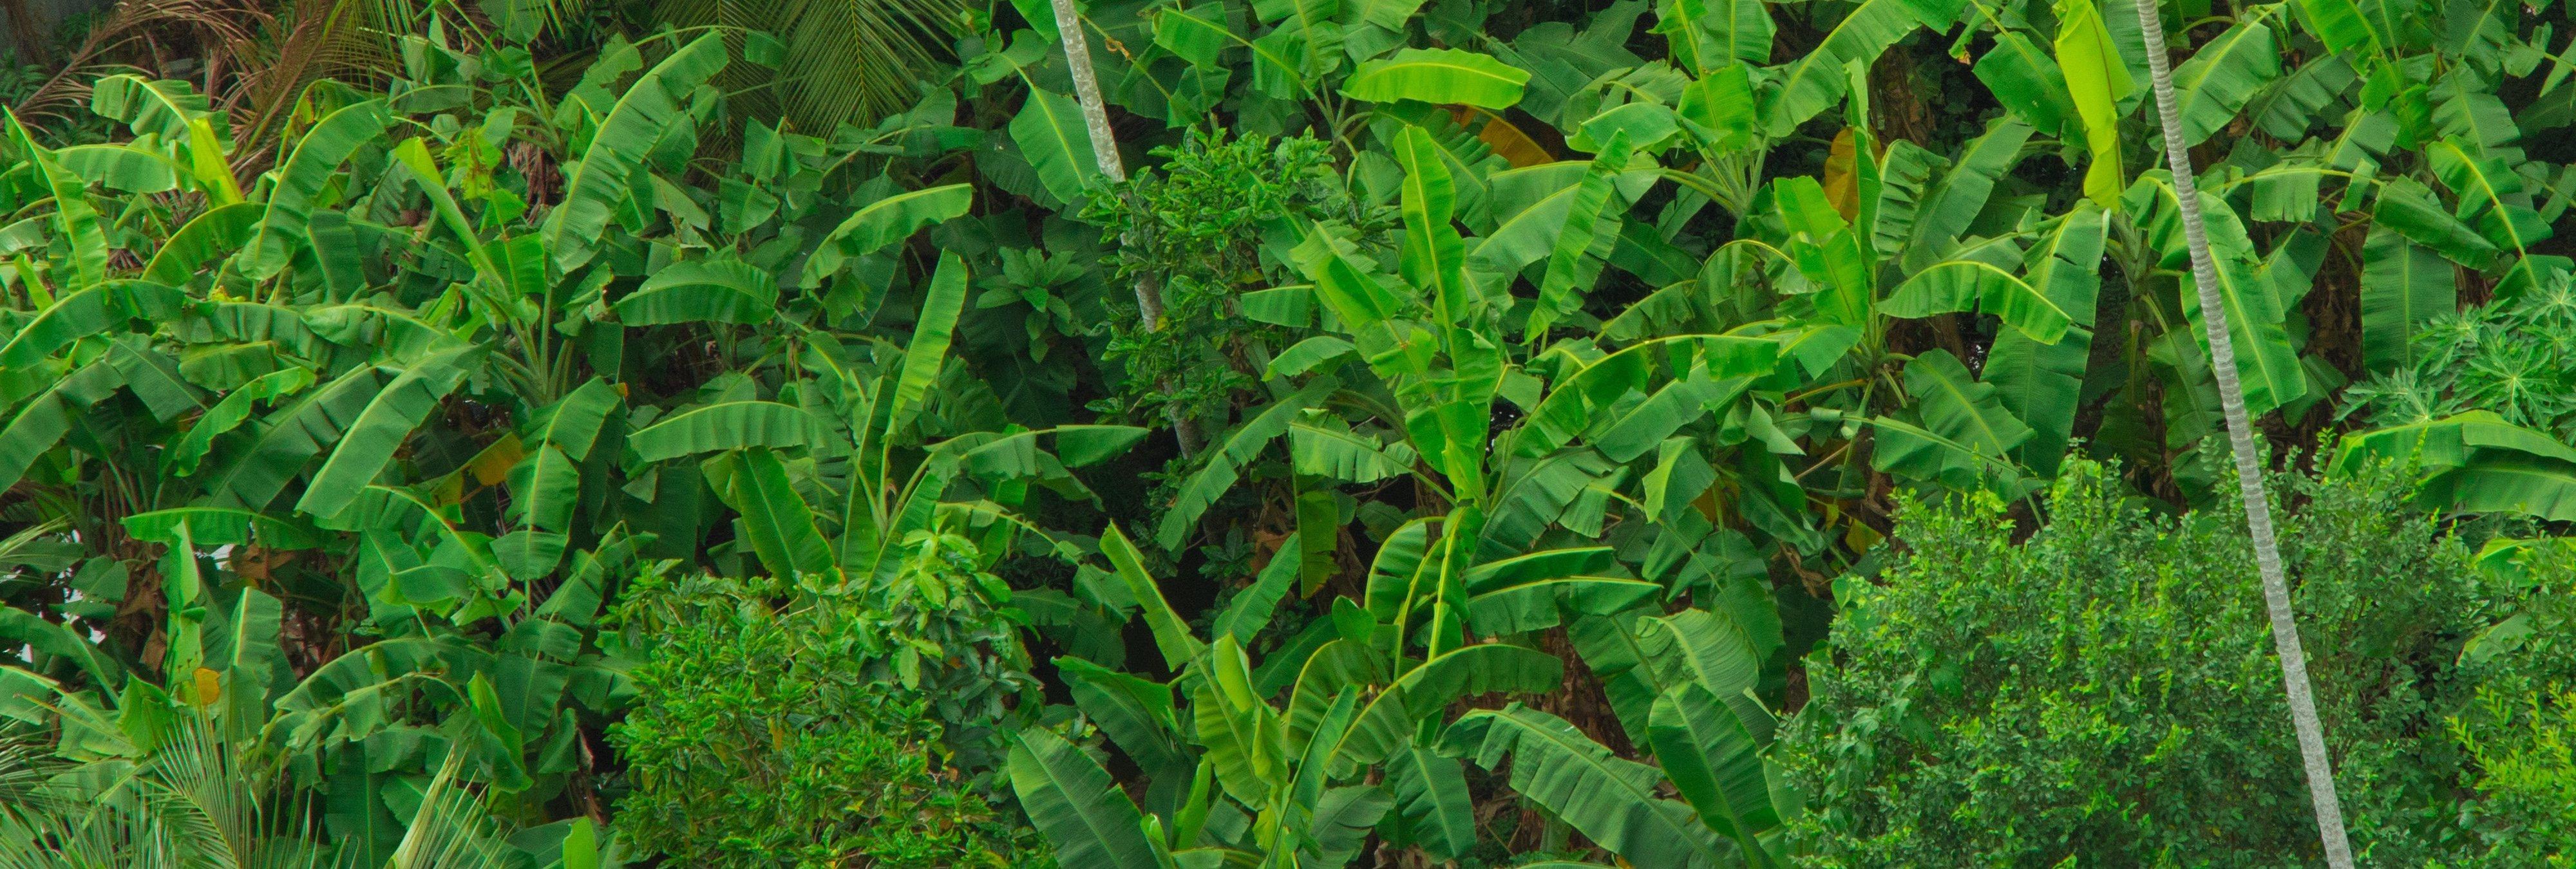 Descubren una especie de araña con cabeza de perro en la selva tropical de Ecuador